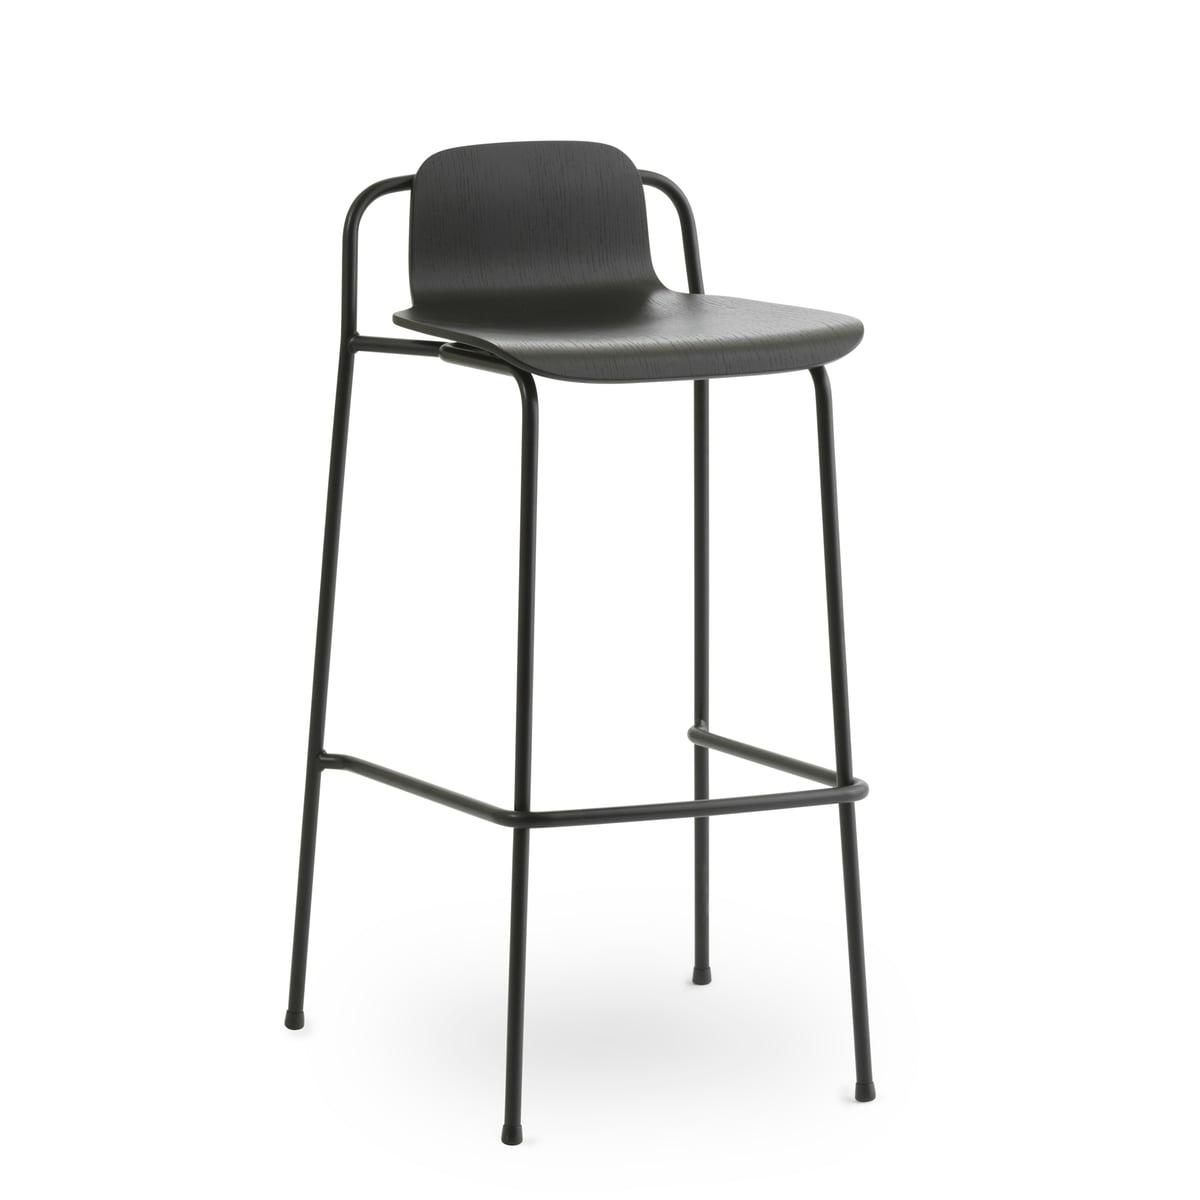 Normann Copenhagen - Studio Barhocker 75 cm, schwarz / schwarz | Küche und Esszimmer > Bar-Möbel | Normann Copenhagen